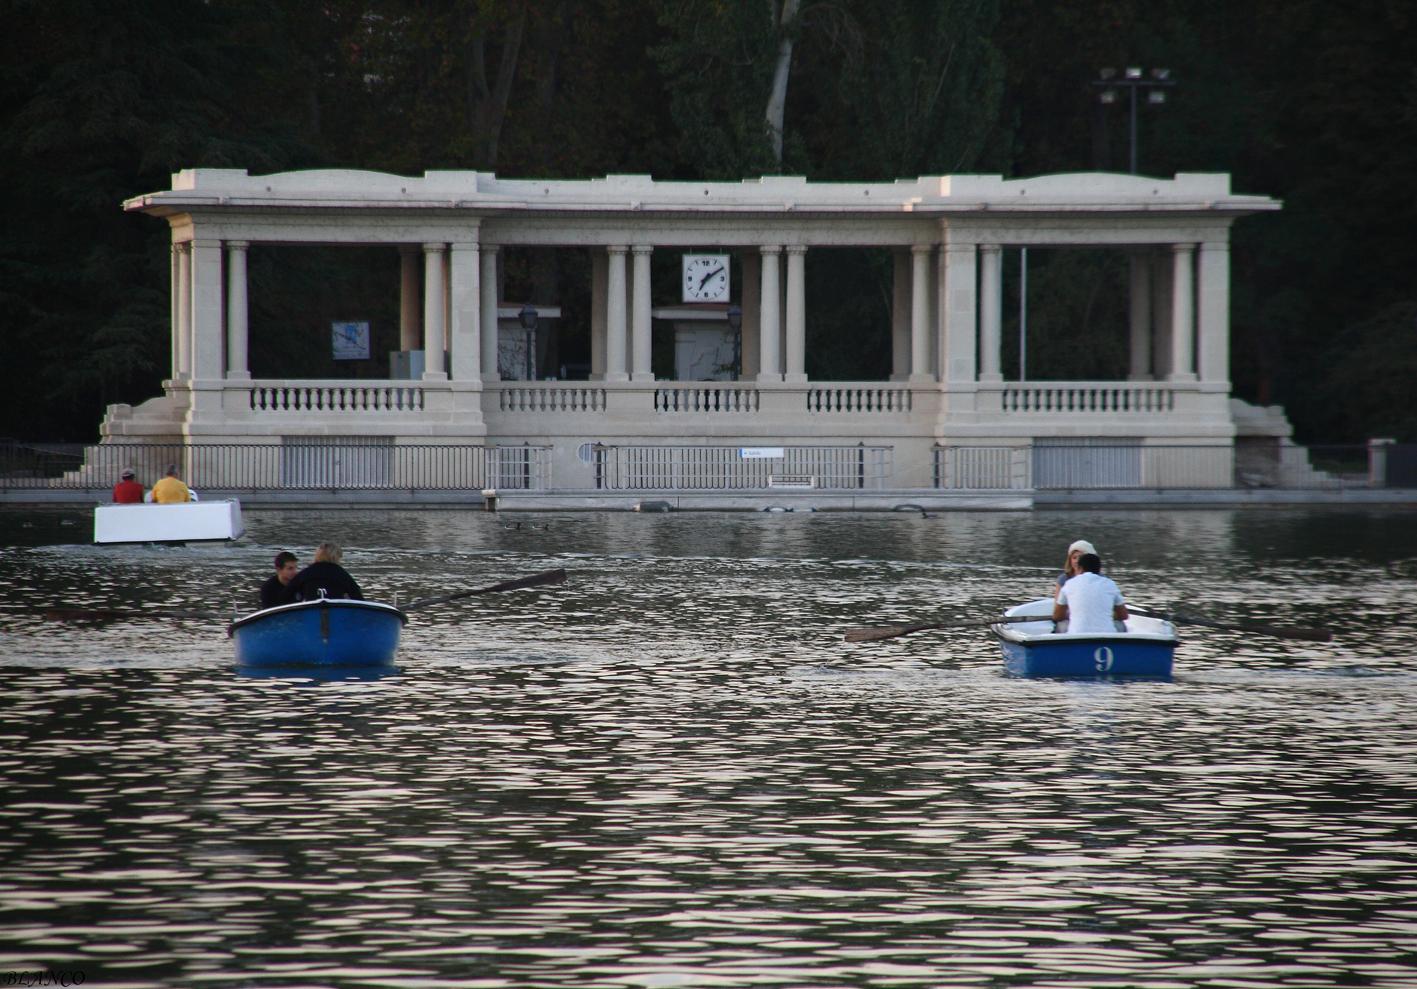 Madrid en foto parque del retiro embarcadero del Estanque grande